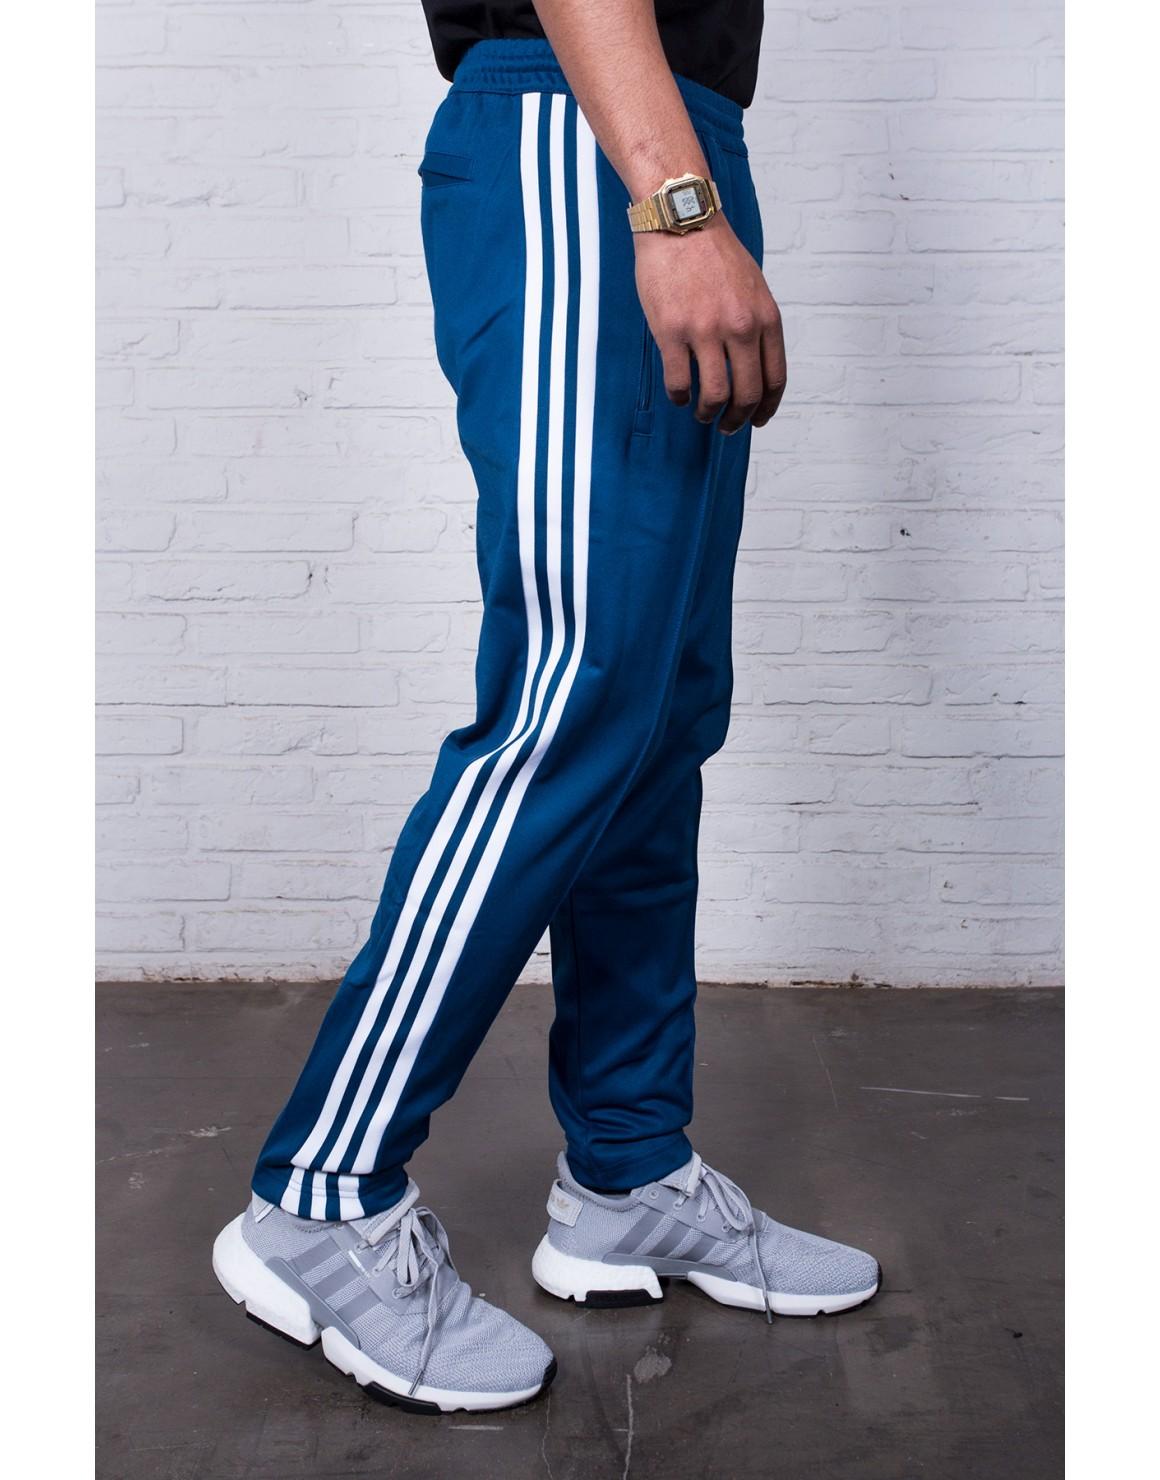 Preguntar Despertar Saco  adidas Originals Beckenbauer Track Pant - Pricematch at Streetammo